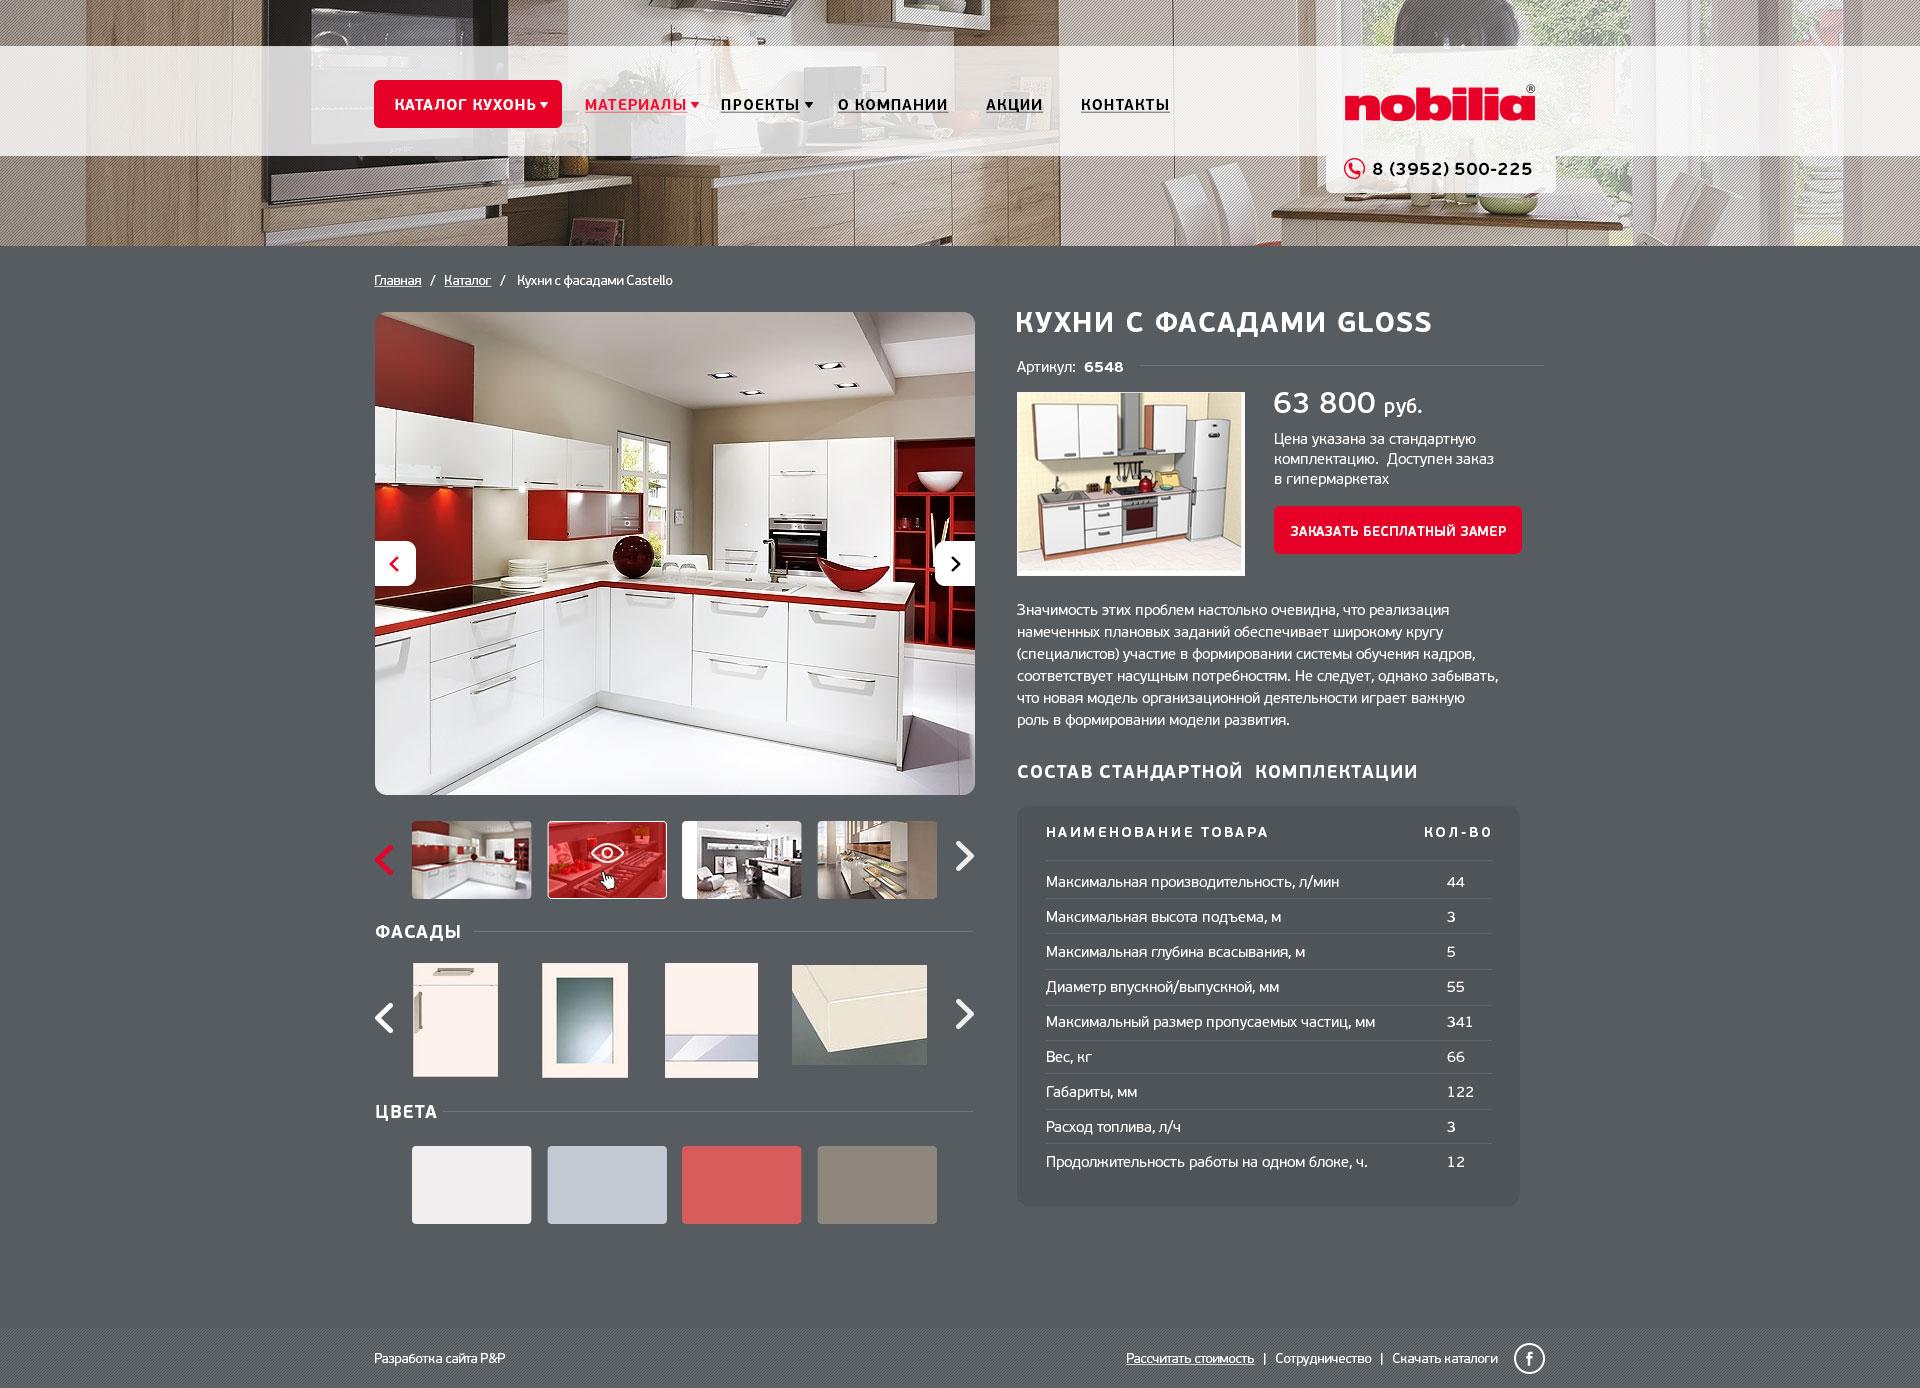 Мебель Nobilia